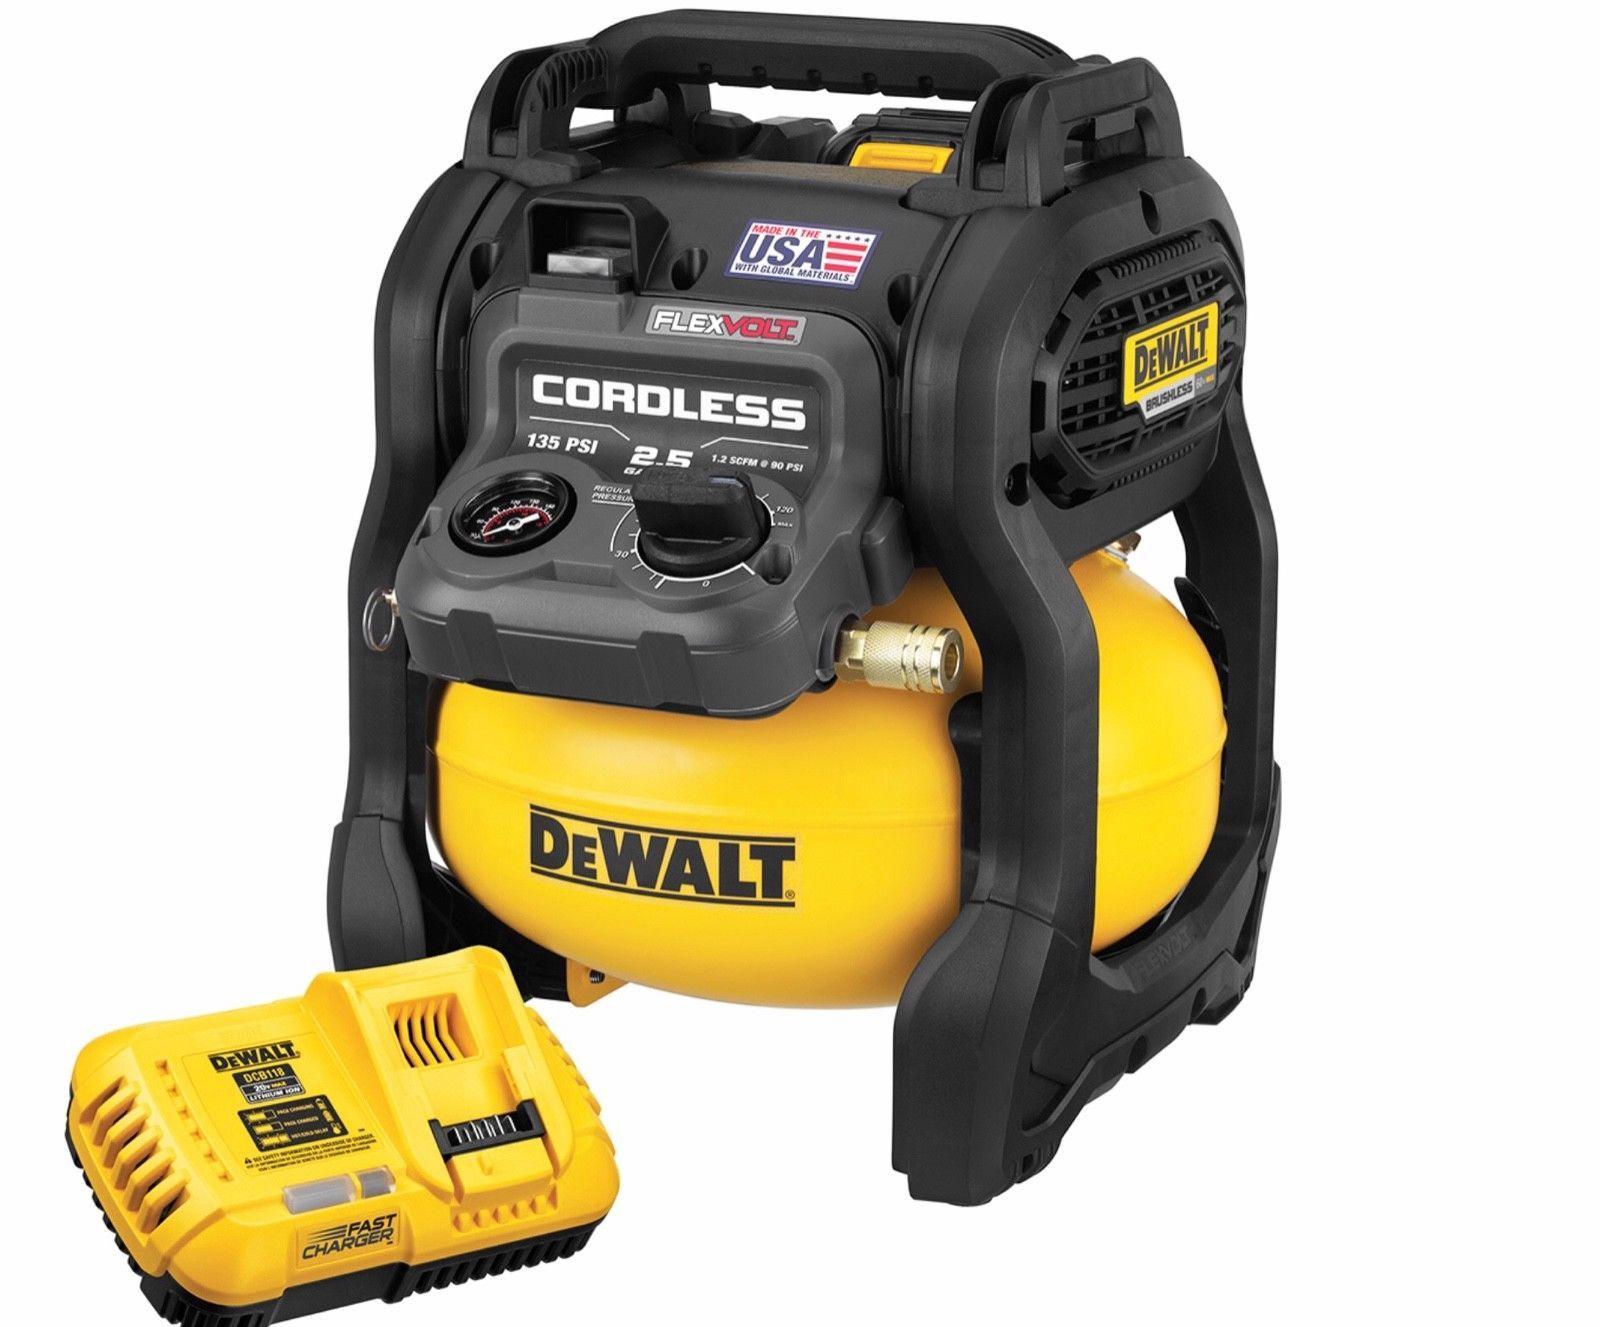 Air Compressors 30506 Dewalt Dcc2560t1 Flexvolt 60V Max 2